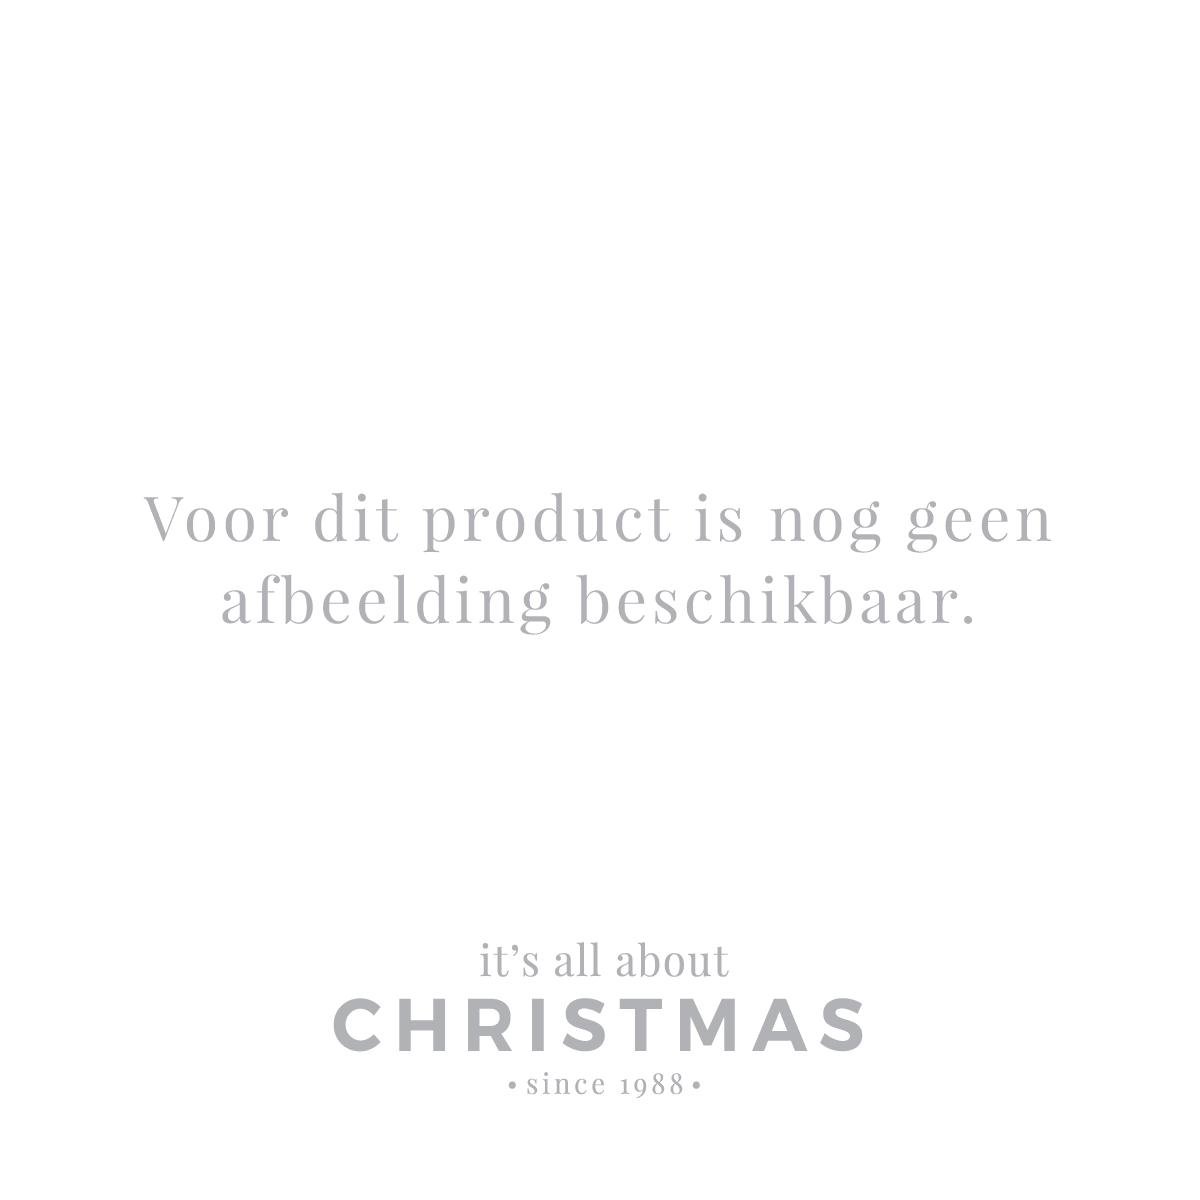 Künstlicher Weihnachtsbaum Mit Beleuchtung Kaufen.Künstlicher Weihnachtsbaum Mit Beleuchtung Kaufen Led